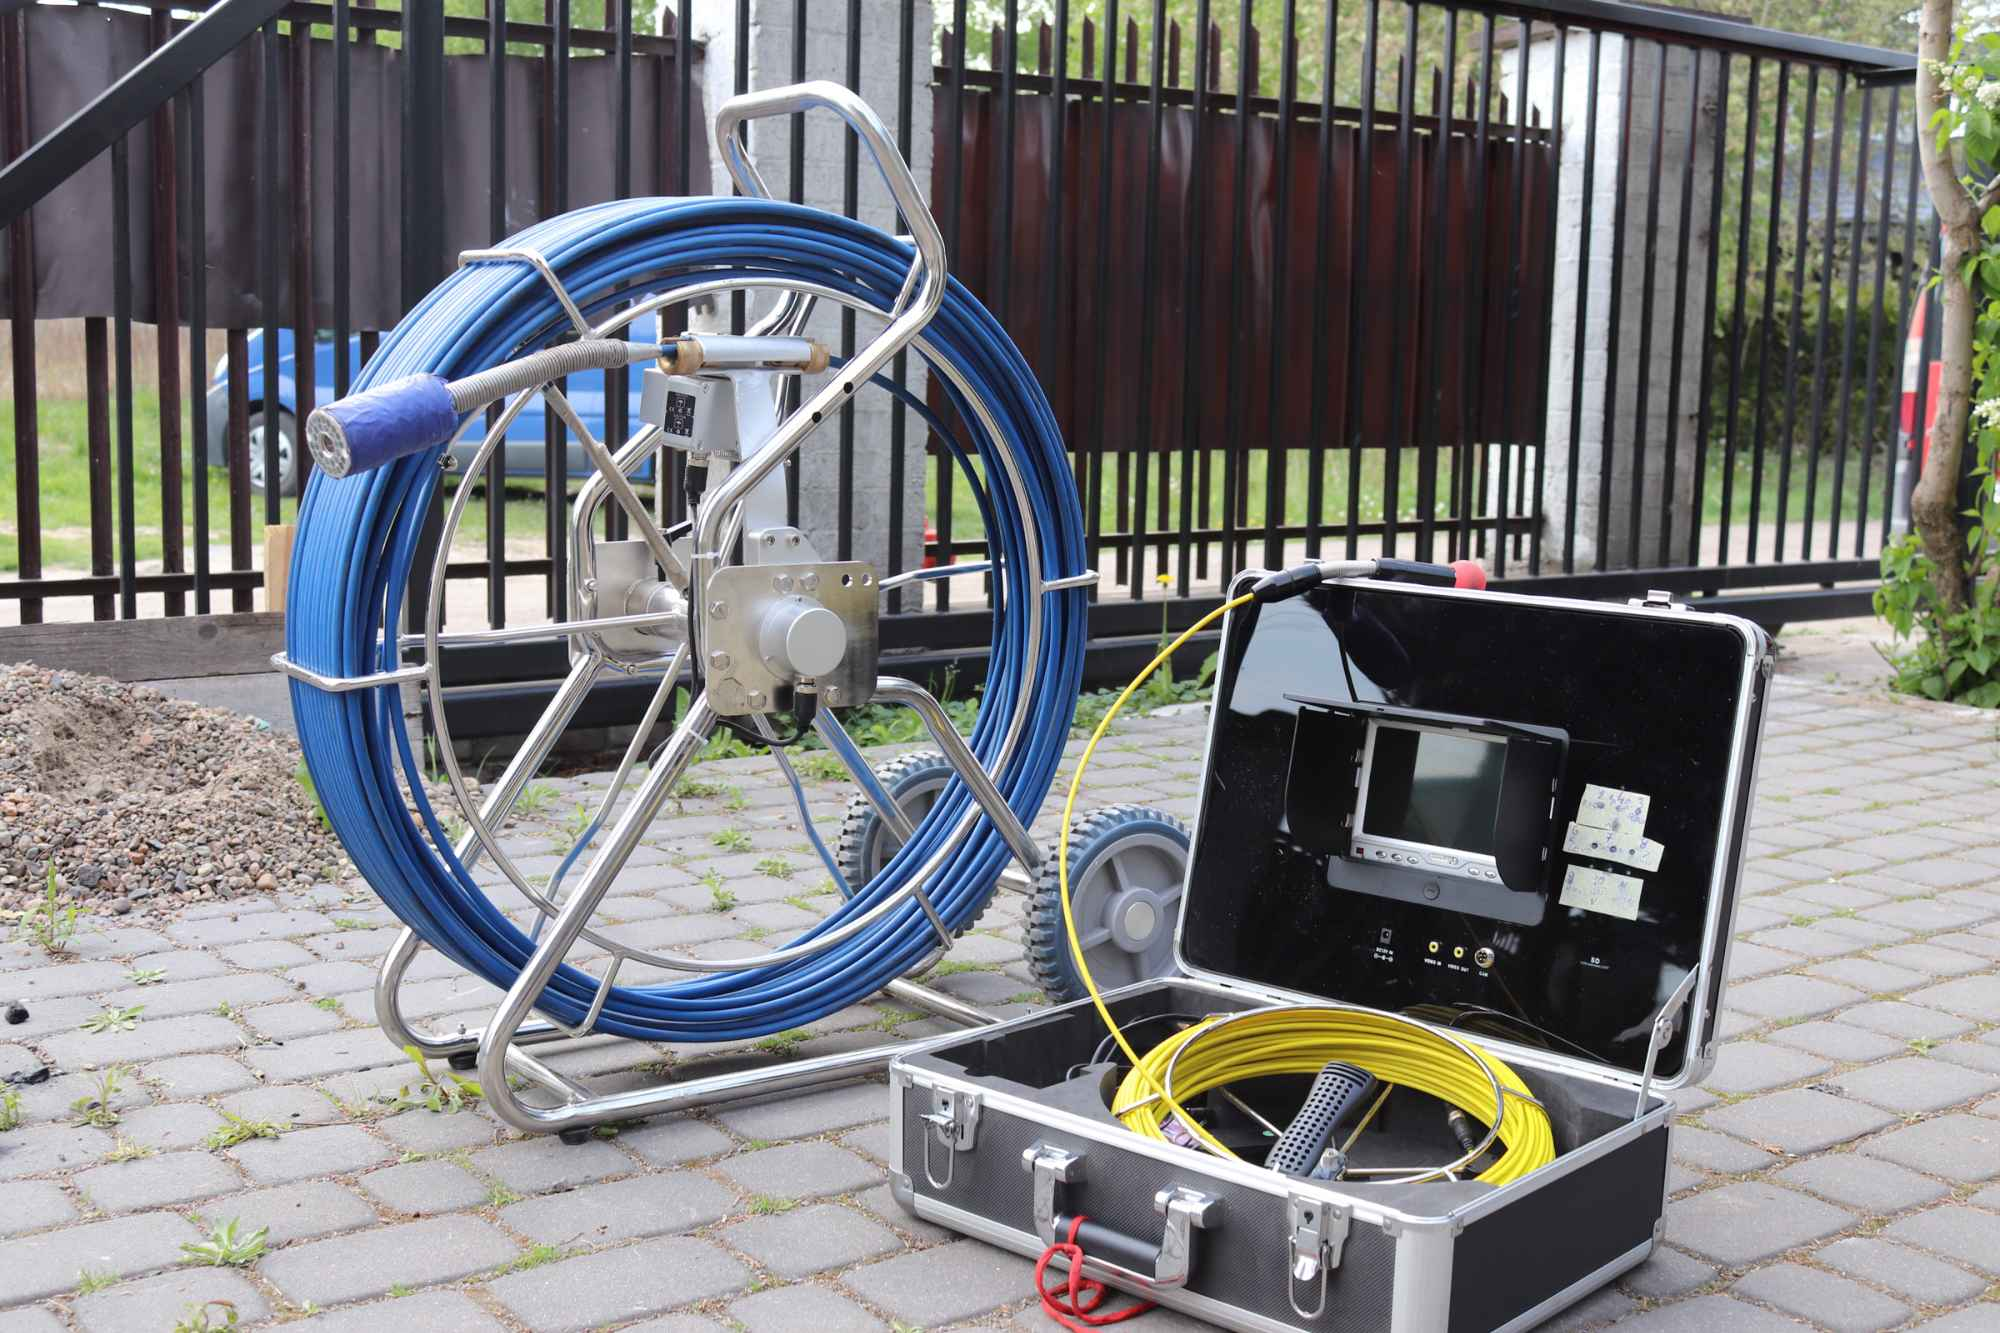 wywóz szamba odtykanie  rur kanalizacji KingKan WOŁOMIN787342182 Wołomin - zdjęcie 1